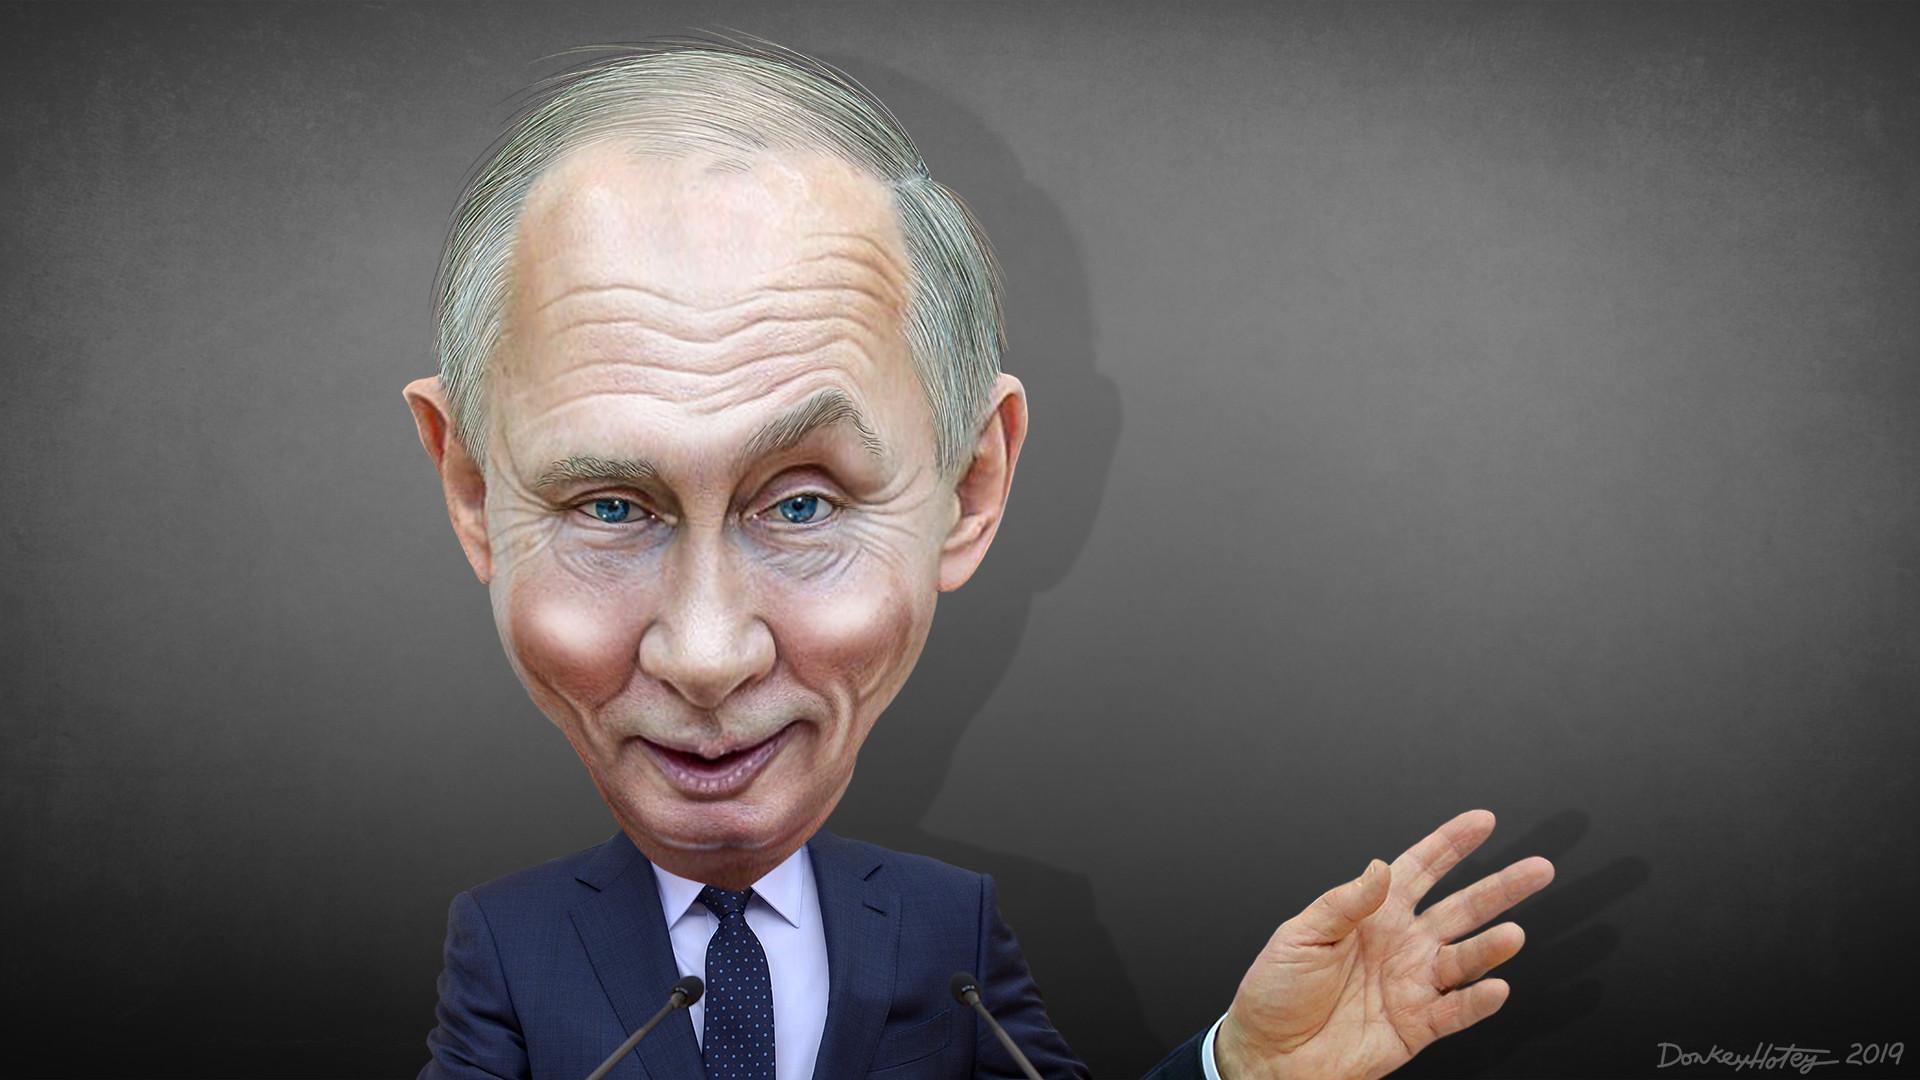 נשיא רוסיה ולדימיר פוטין 🖼️ DonkeyHotey cc-by